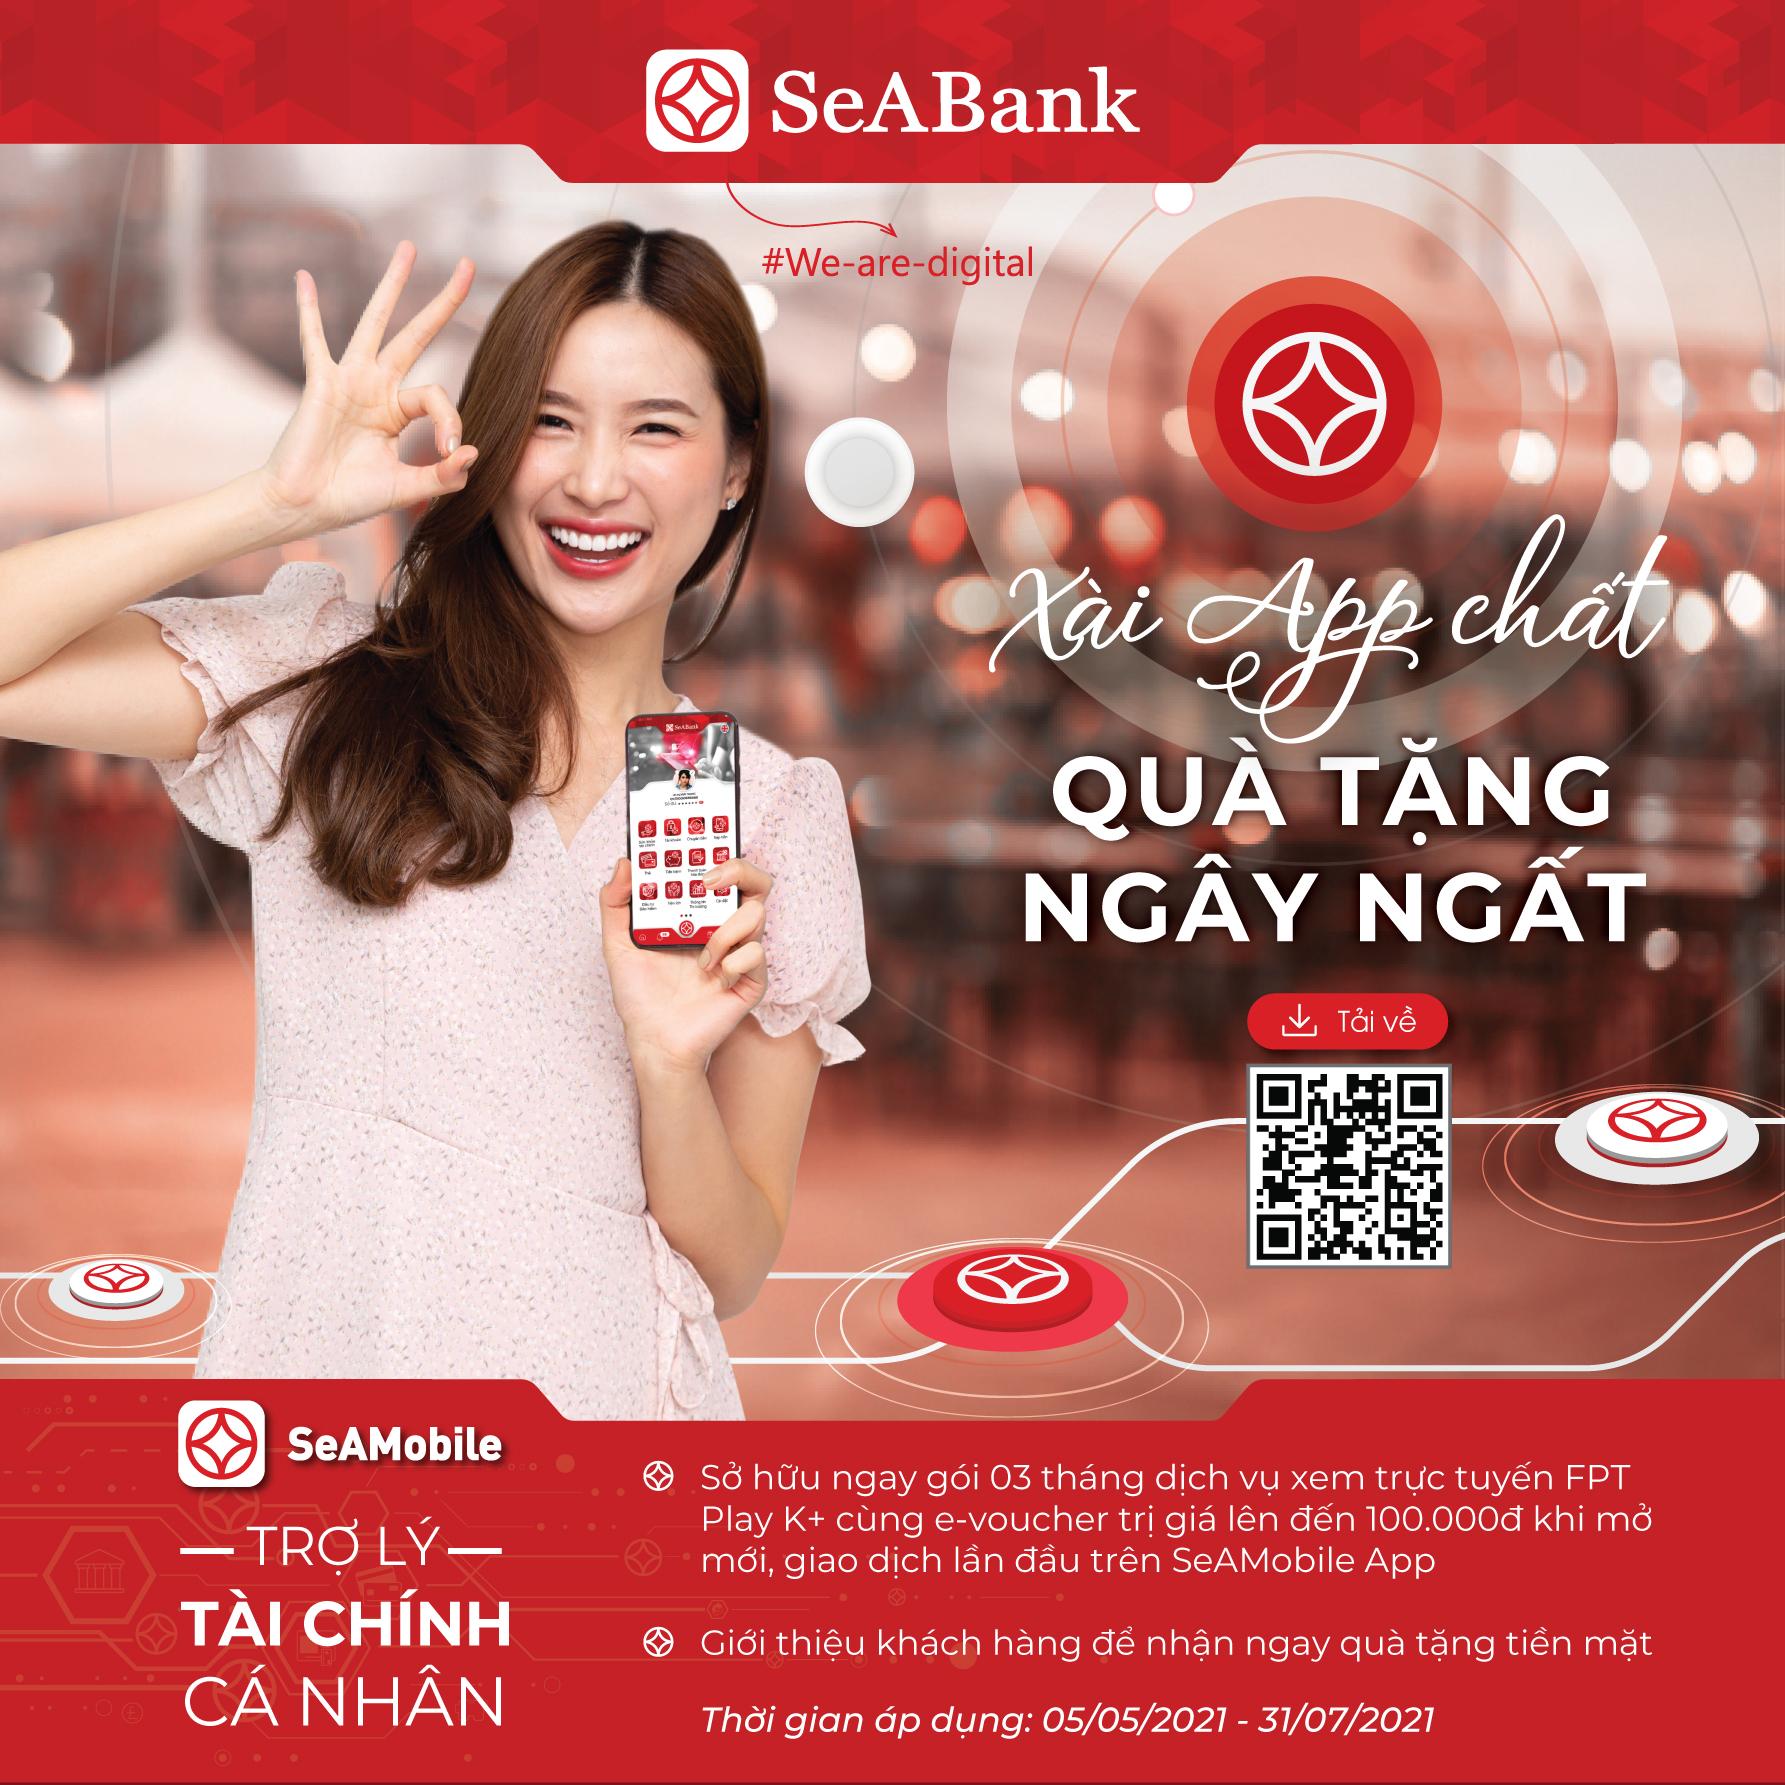 SeABank dành tặng hơn 2 tỷ đồng cho khách hàng mở mới ngân hàng số SeANet/SeAMobile - Ảnh 1.